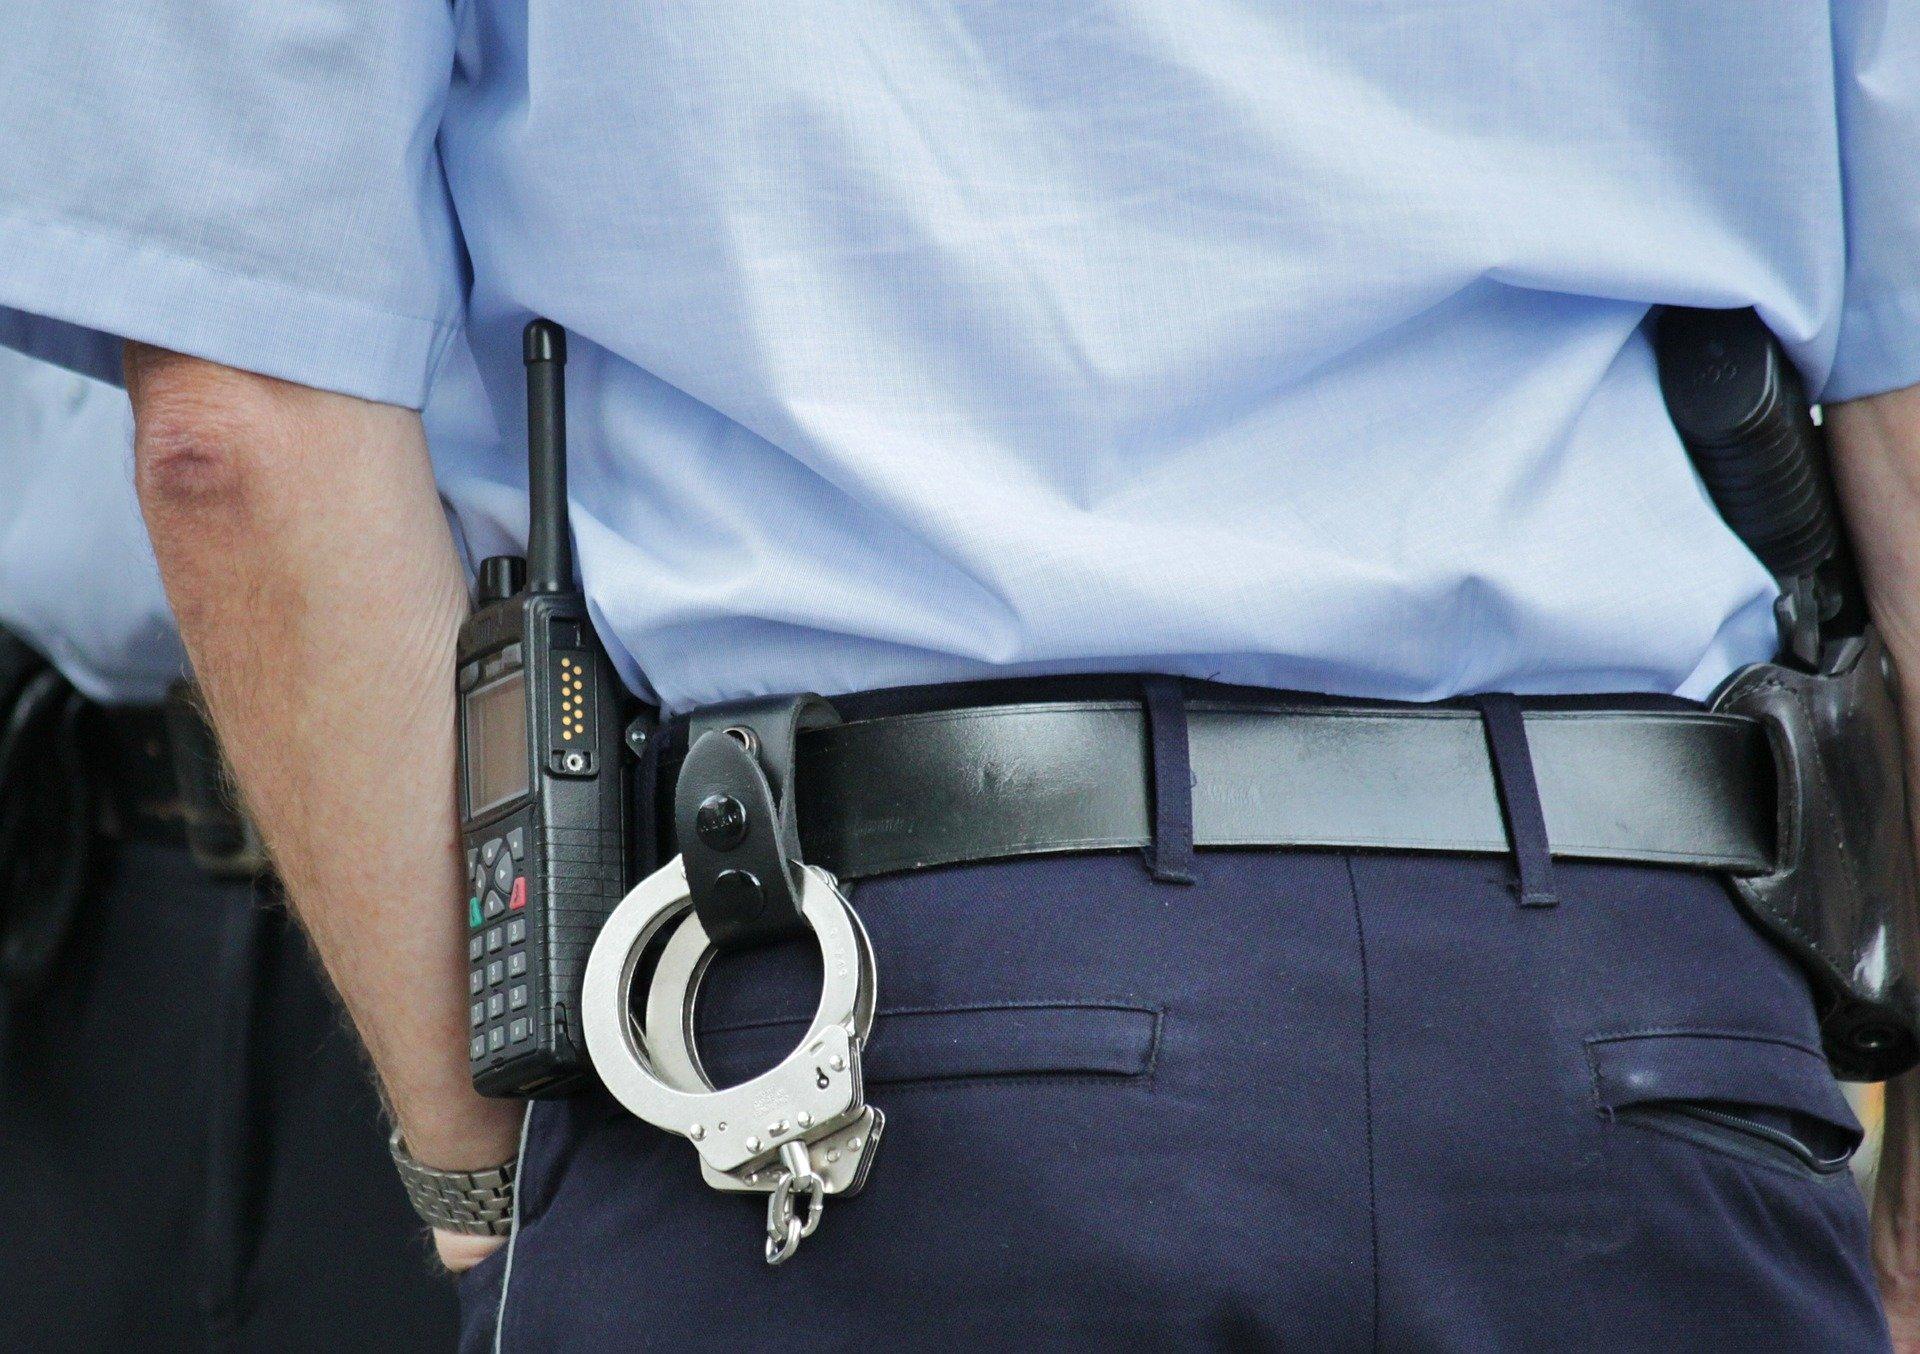 Widerstand geleistet und Polizeibeamte mit Blut bespuckt